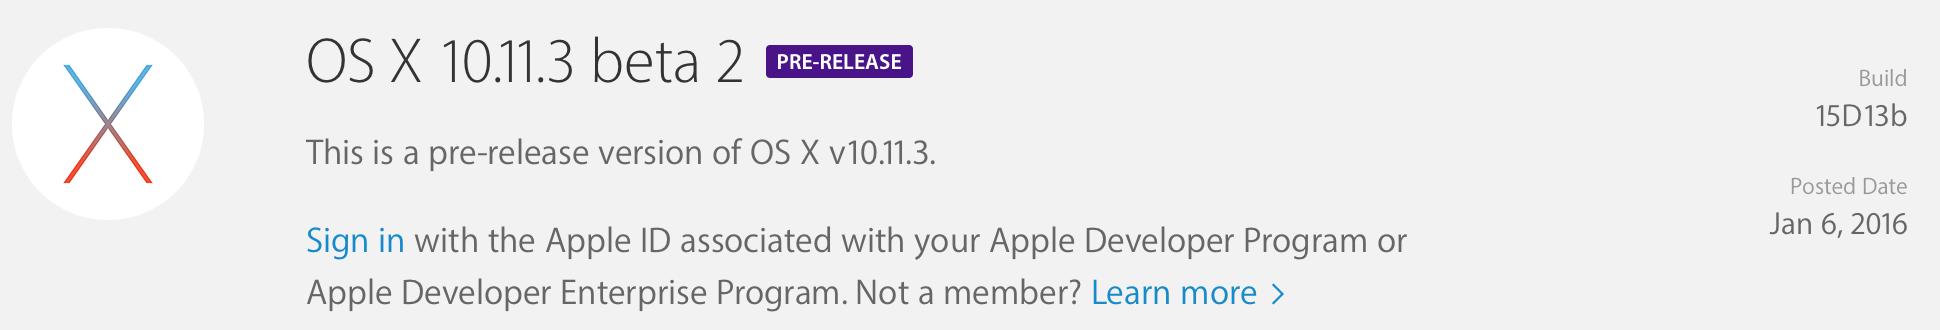 OS X Beta-Release-bildschirmfoto-2016-01-07-um-18.49.19.png